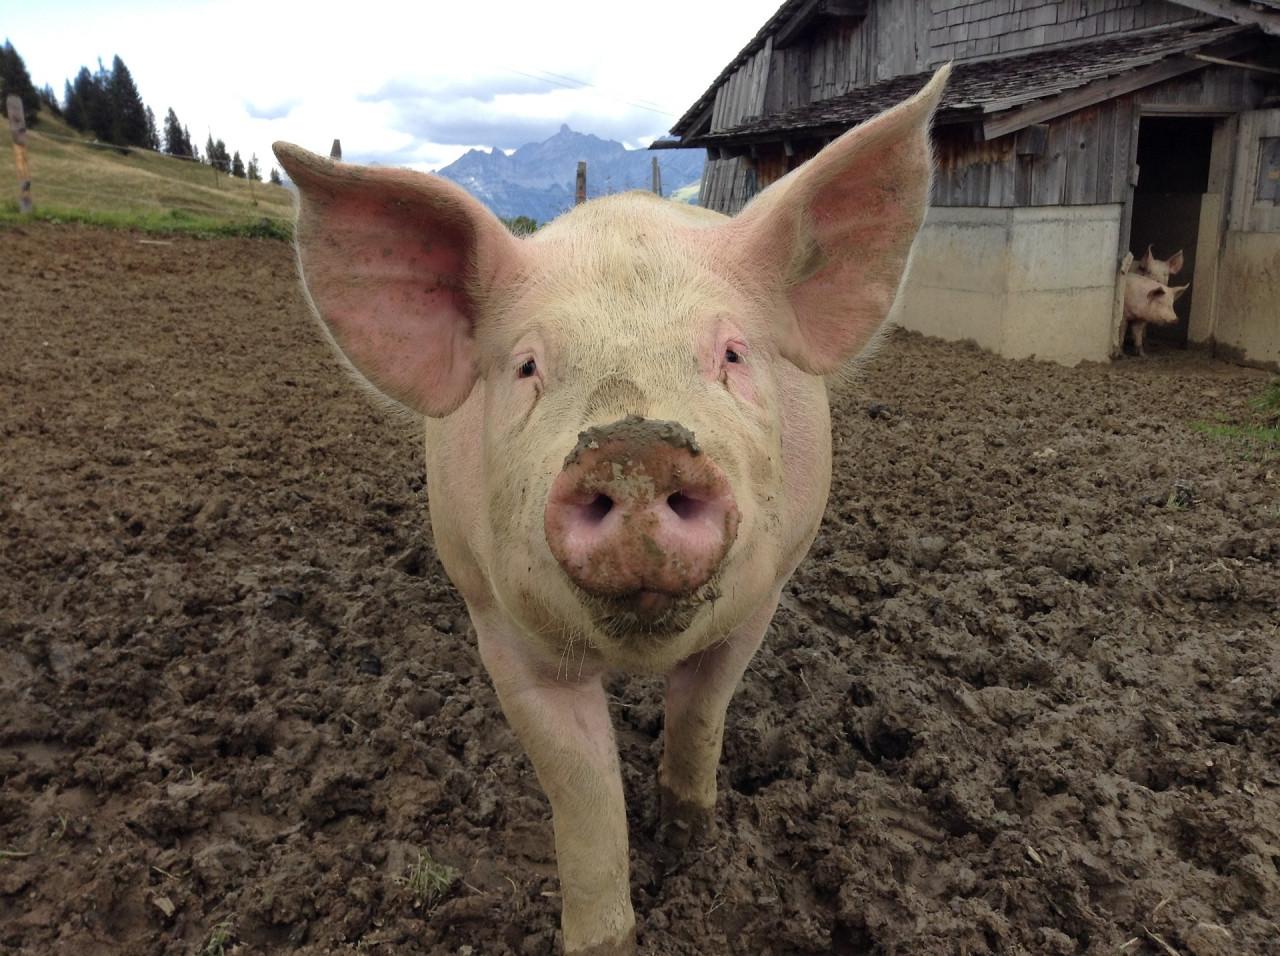 pig-1713996_1920